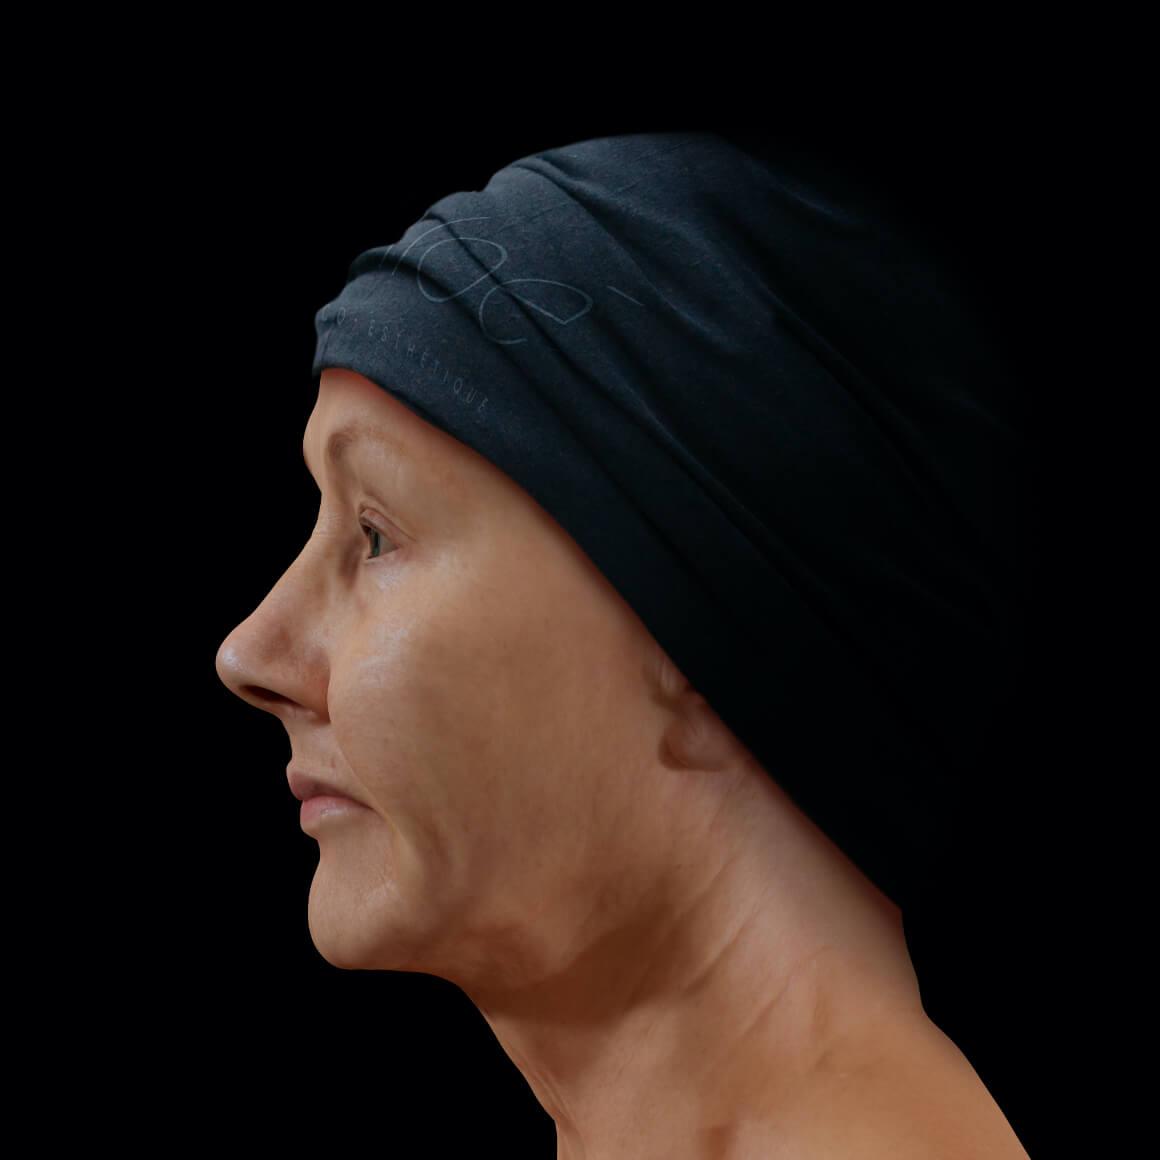 Femme patiente à la Clinique Chloé vue de côté démontrant un relâchement cutané du visage